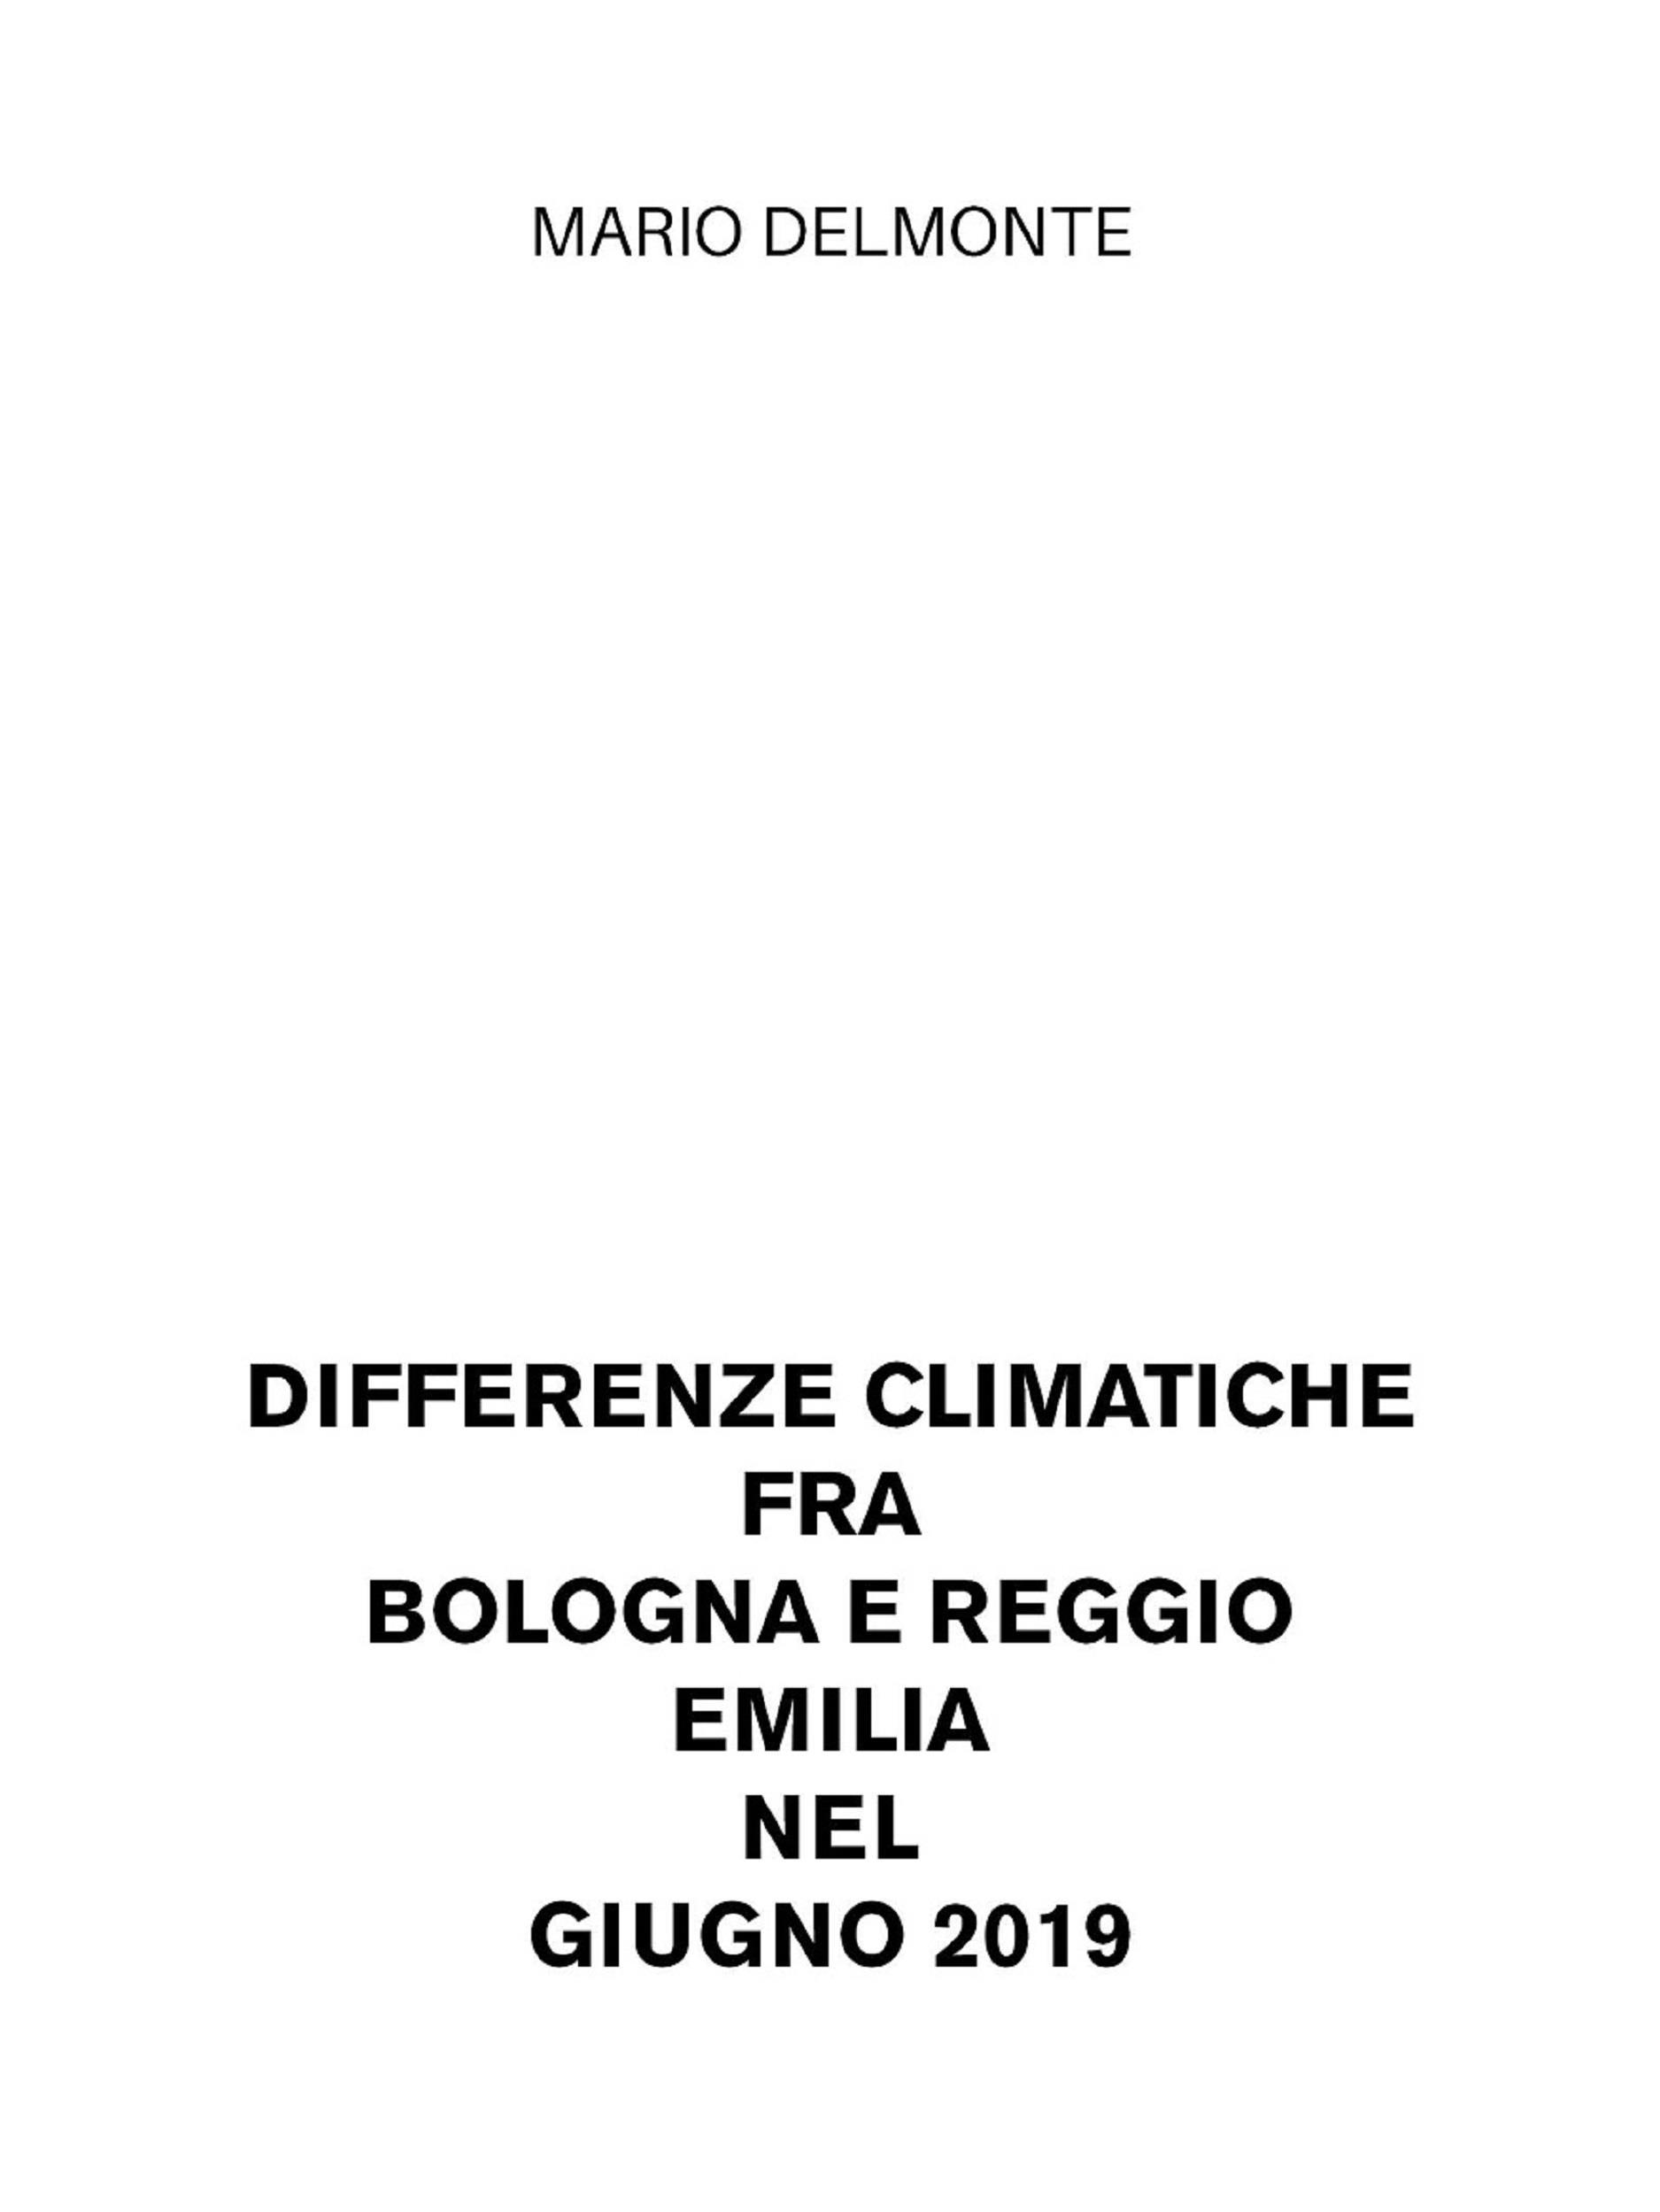 Differenze climatiche fra Bologna e Reggio Emilia nel giugno 2019